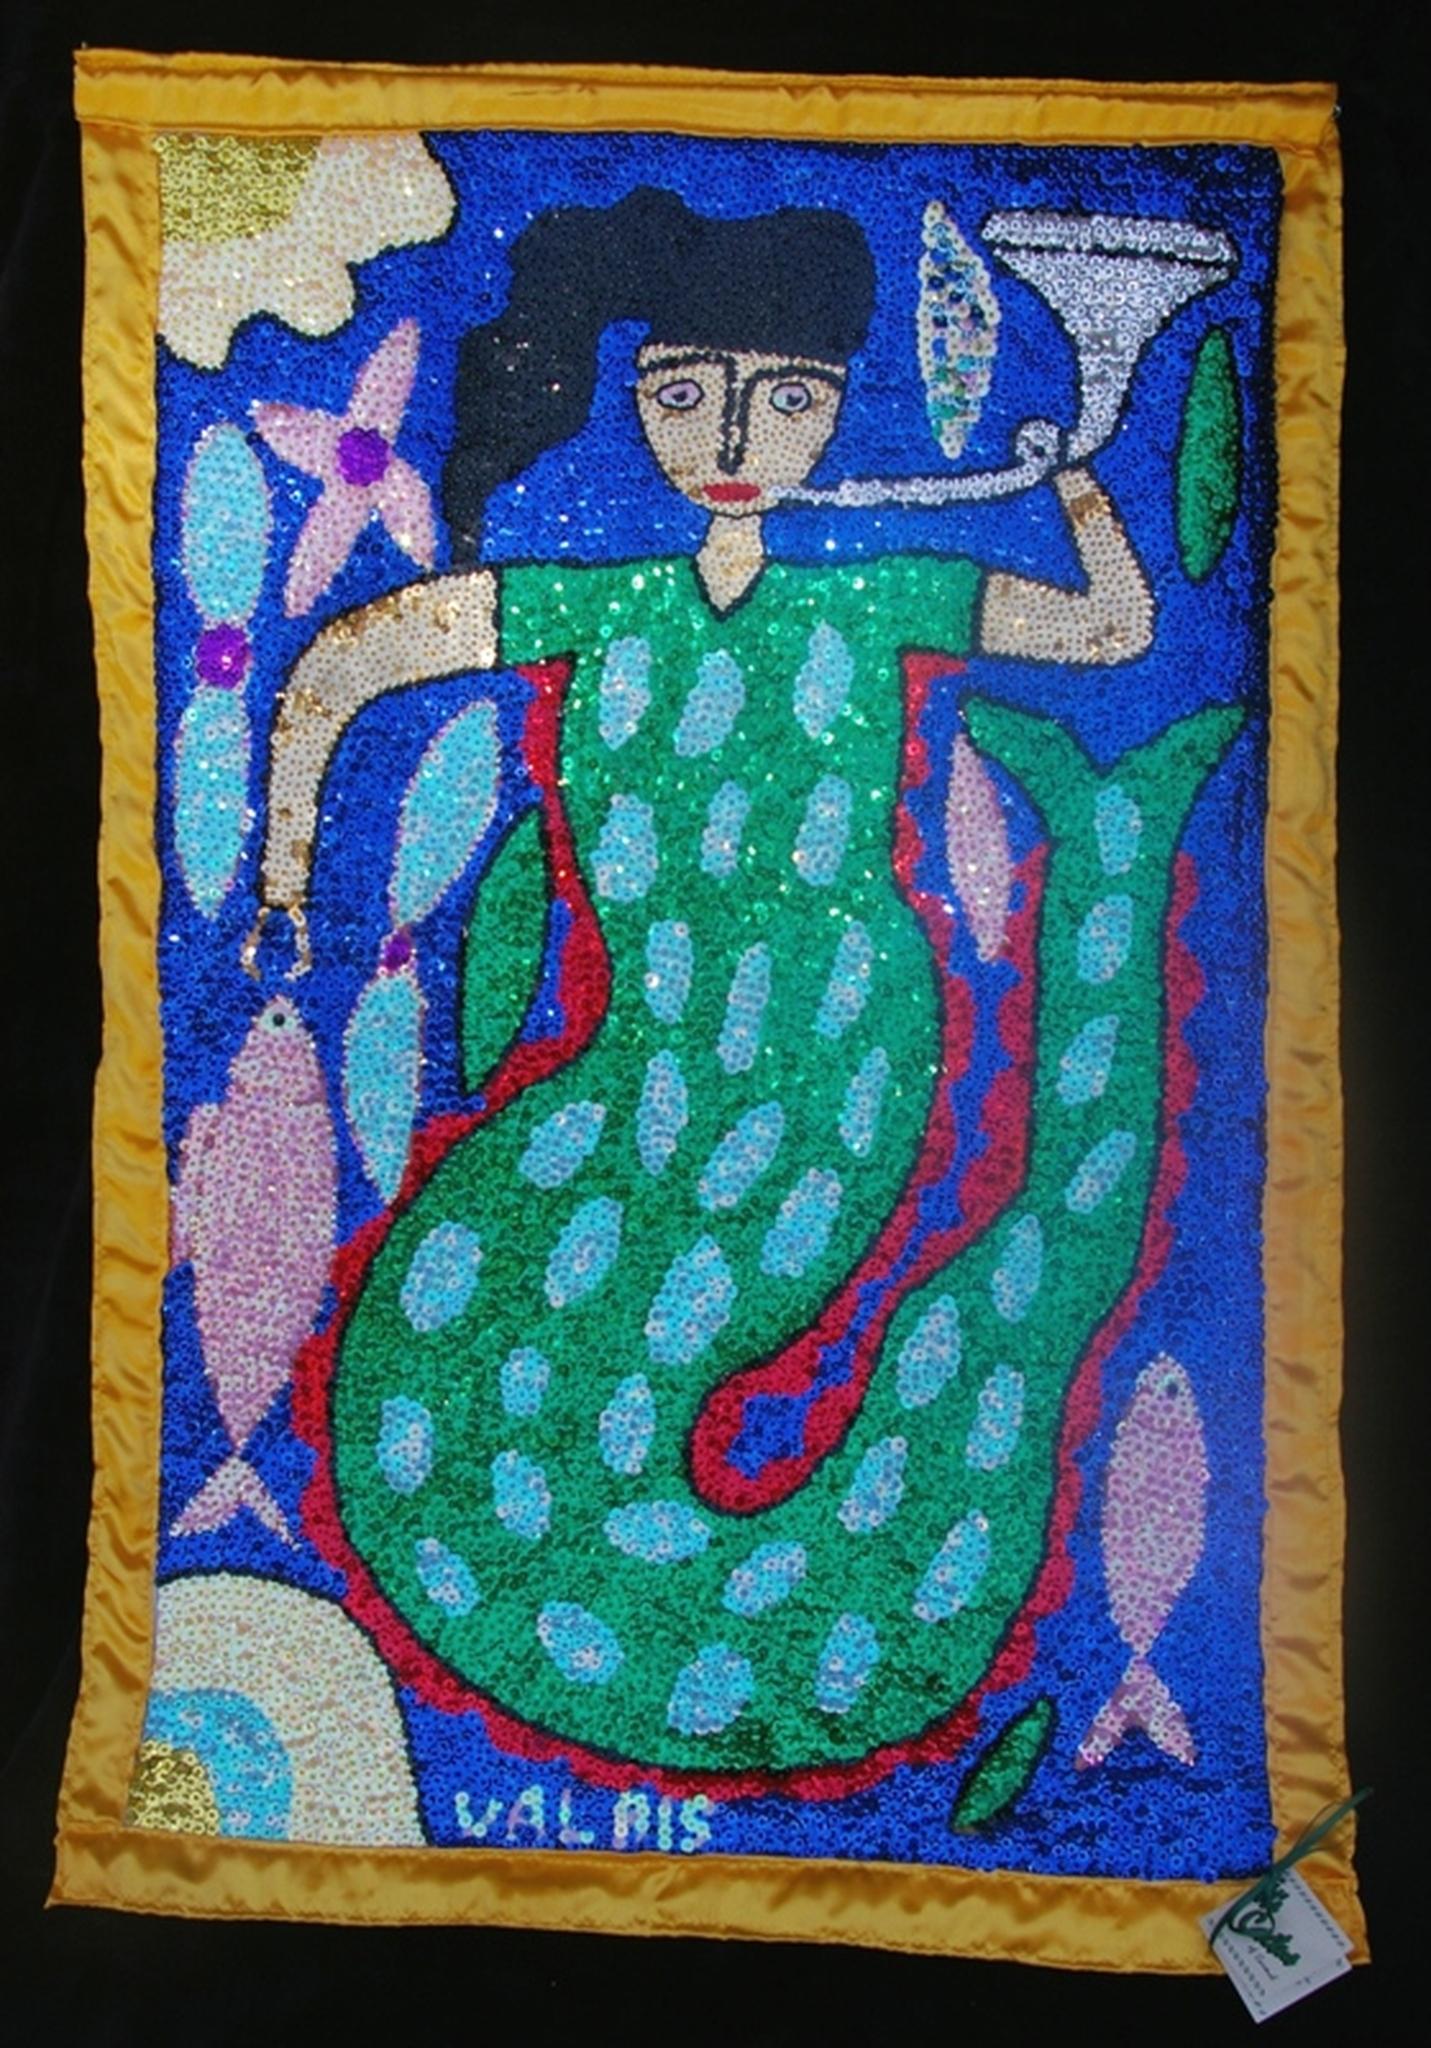 Mermaid Voodoo